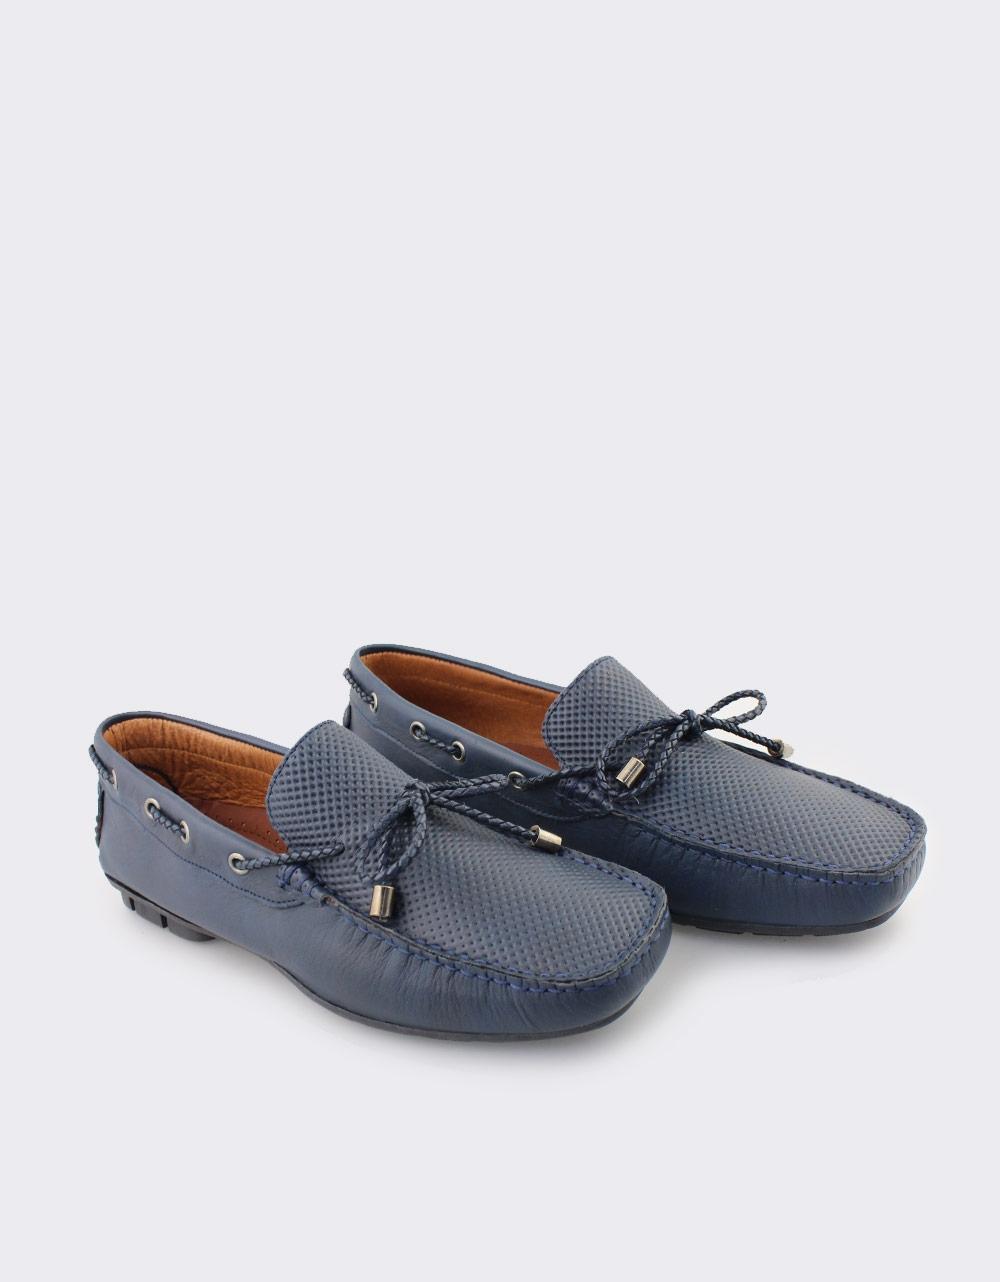 Εικόνα από Ανδρικά δερμάτινα loafers με διακοσμητικά κορδόνια Μπλε